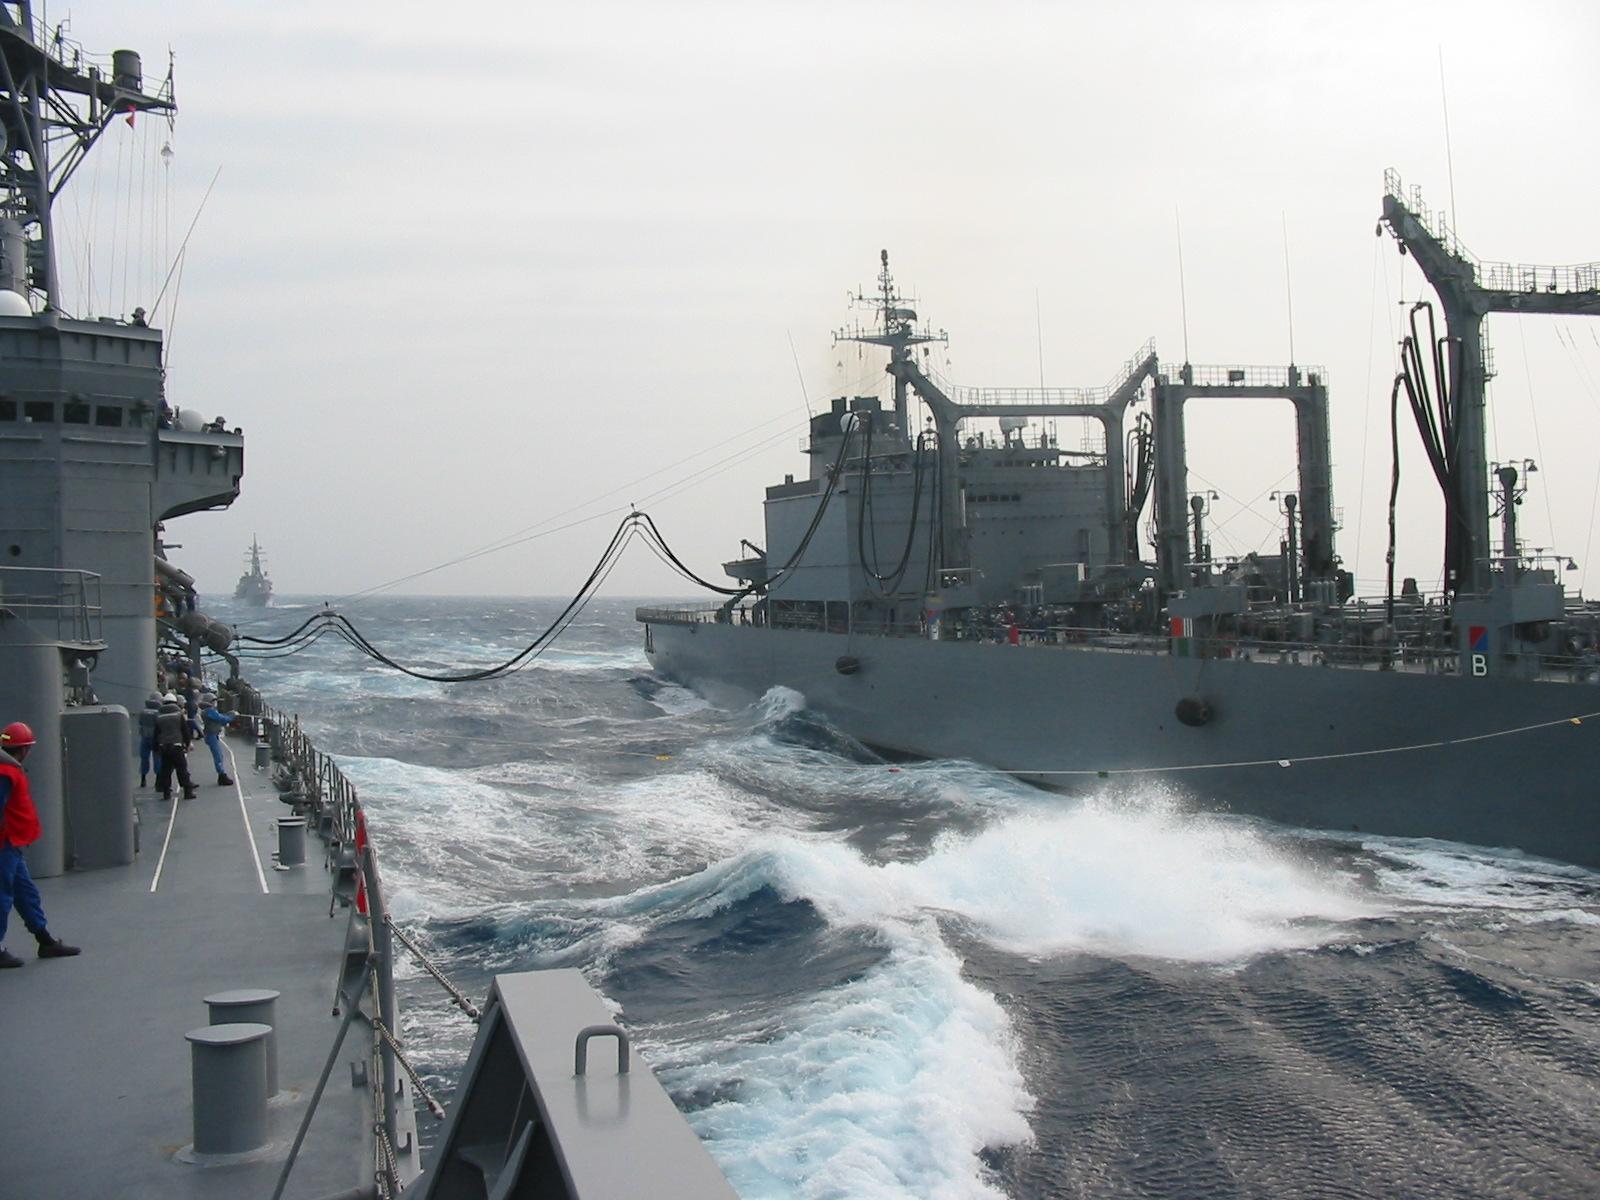 火器管制レーダーとは?元自衛官の護衛艦生活 火器管制レーダ―とは言いません。射撃指揮装置です